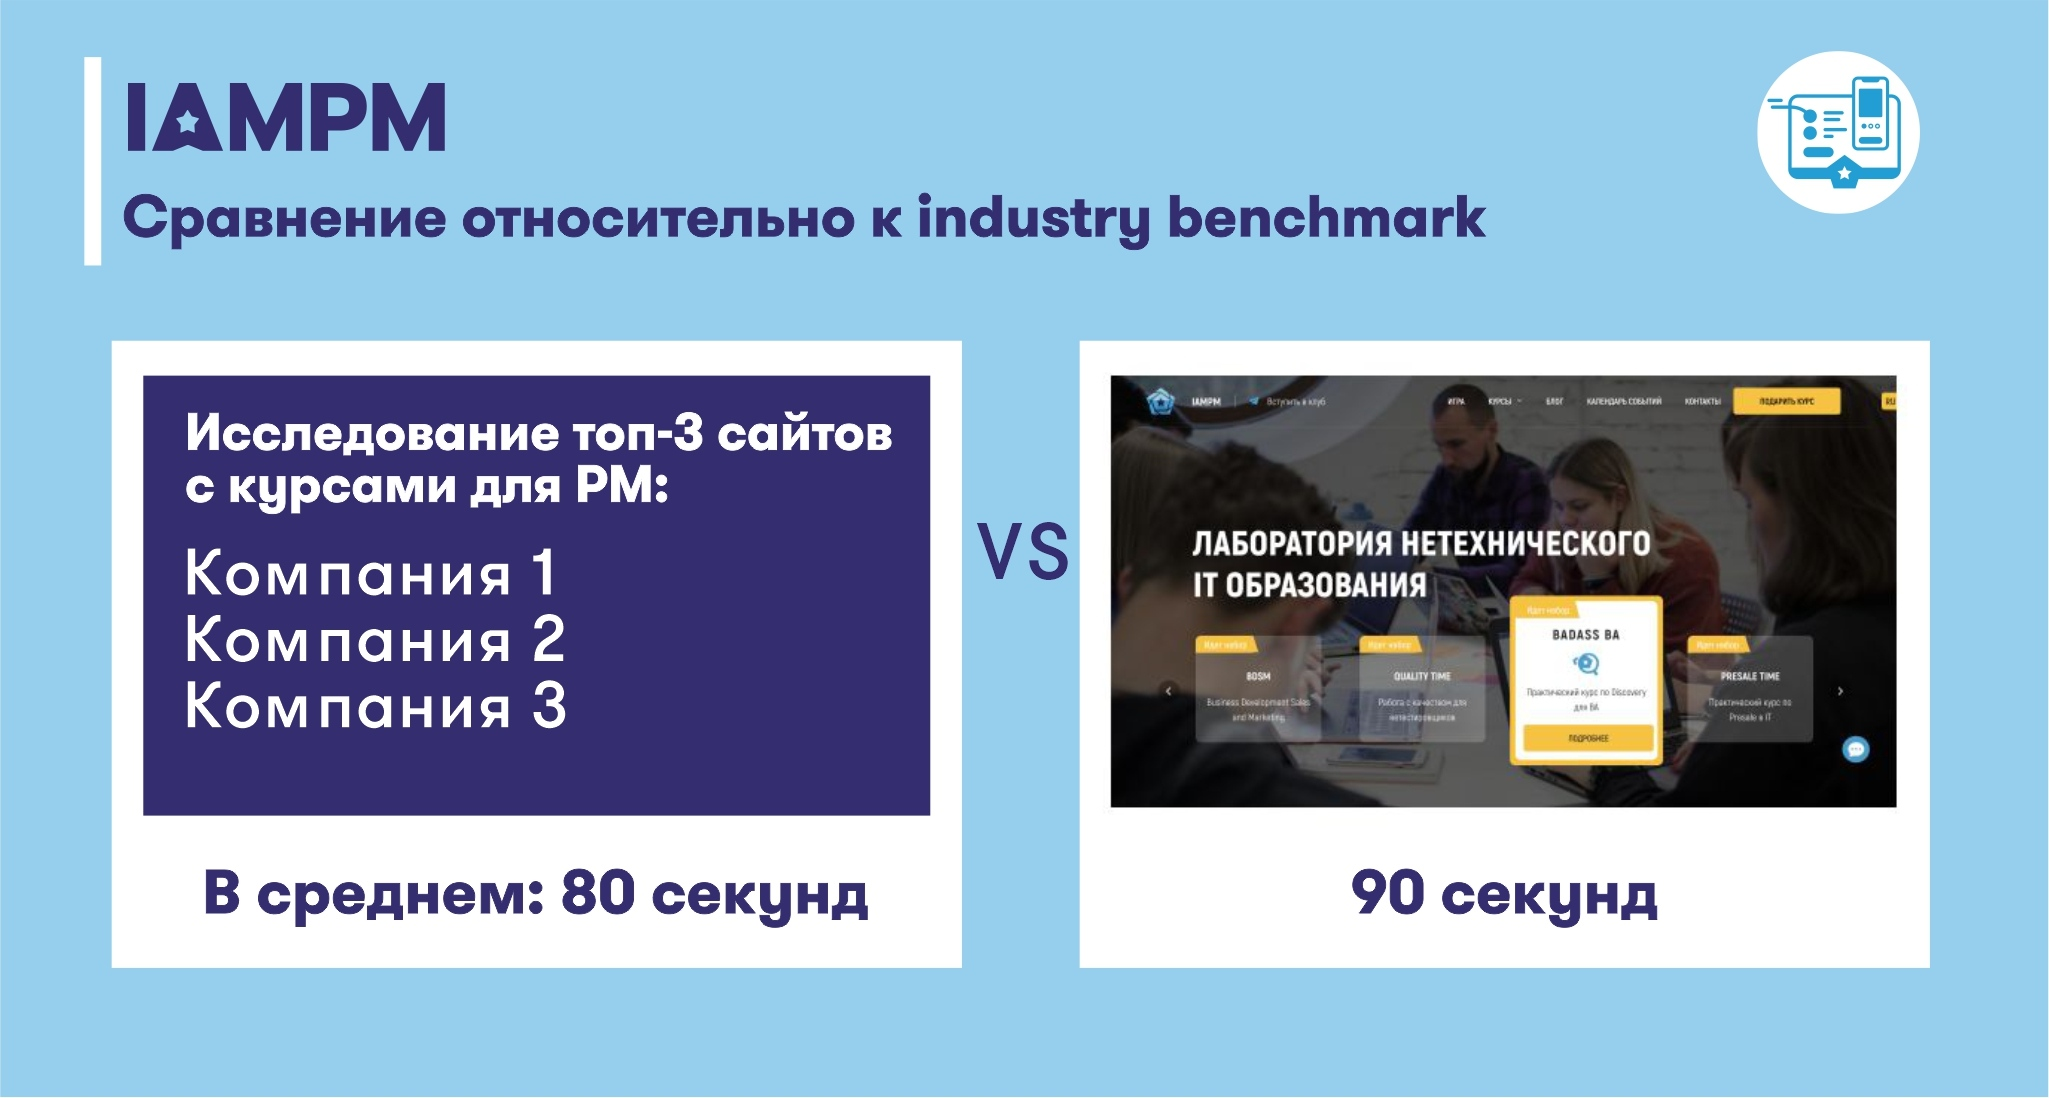 метрики дизайна 4